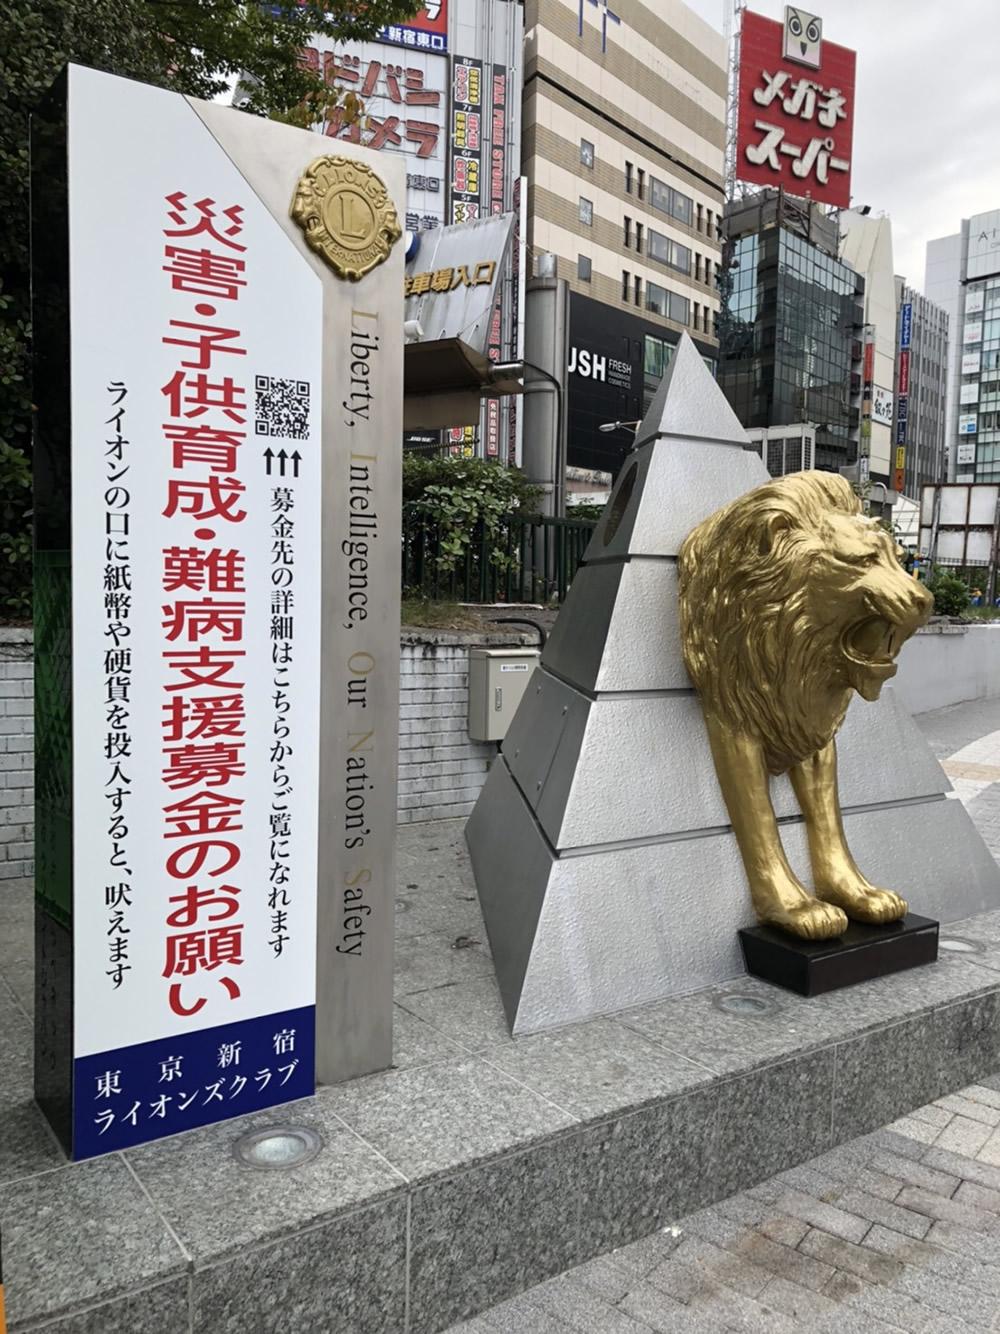 ライオン像みらいおんリニューアル